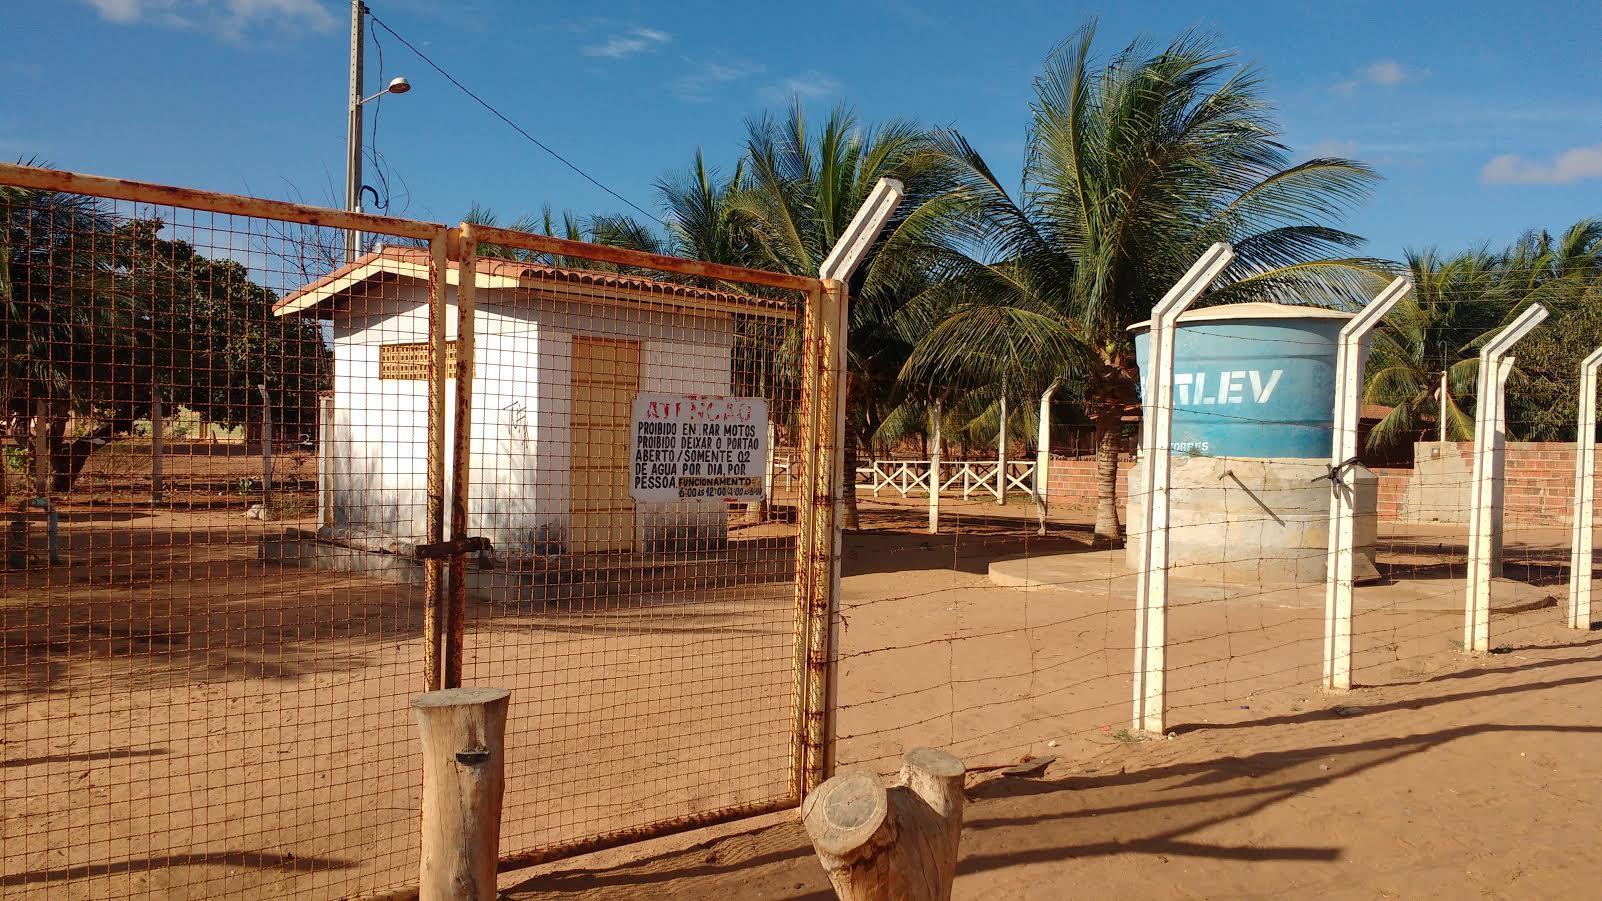 Dos 11 dessalinizadores da região do Pau-Branco, nove estão quebrados.